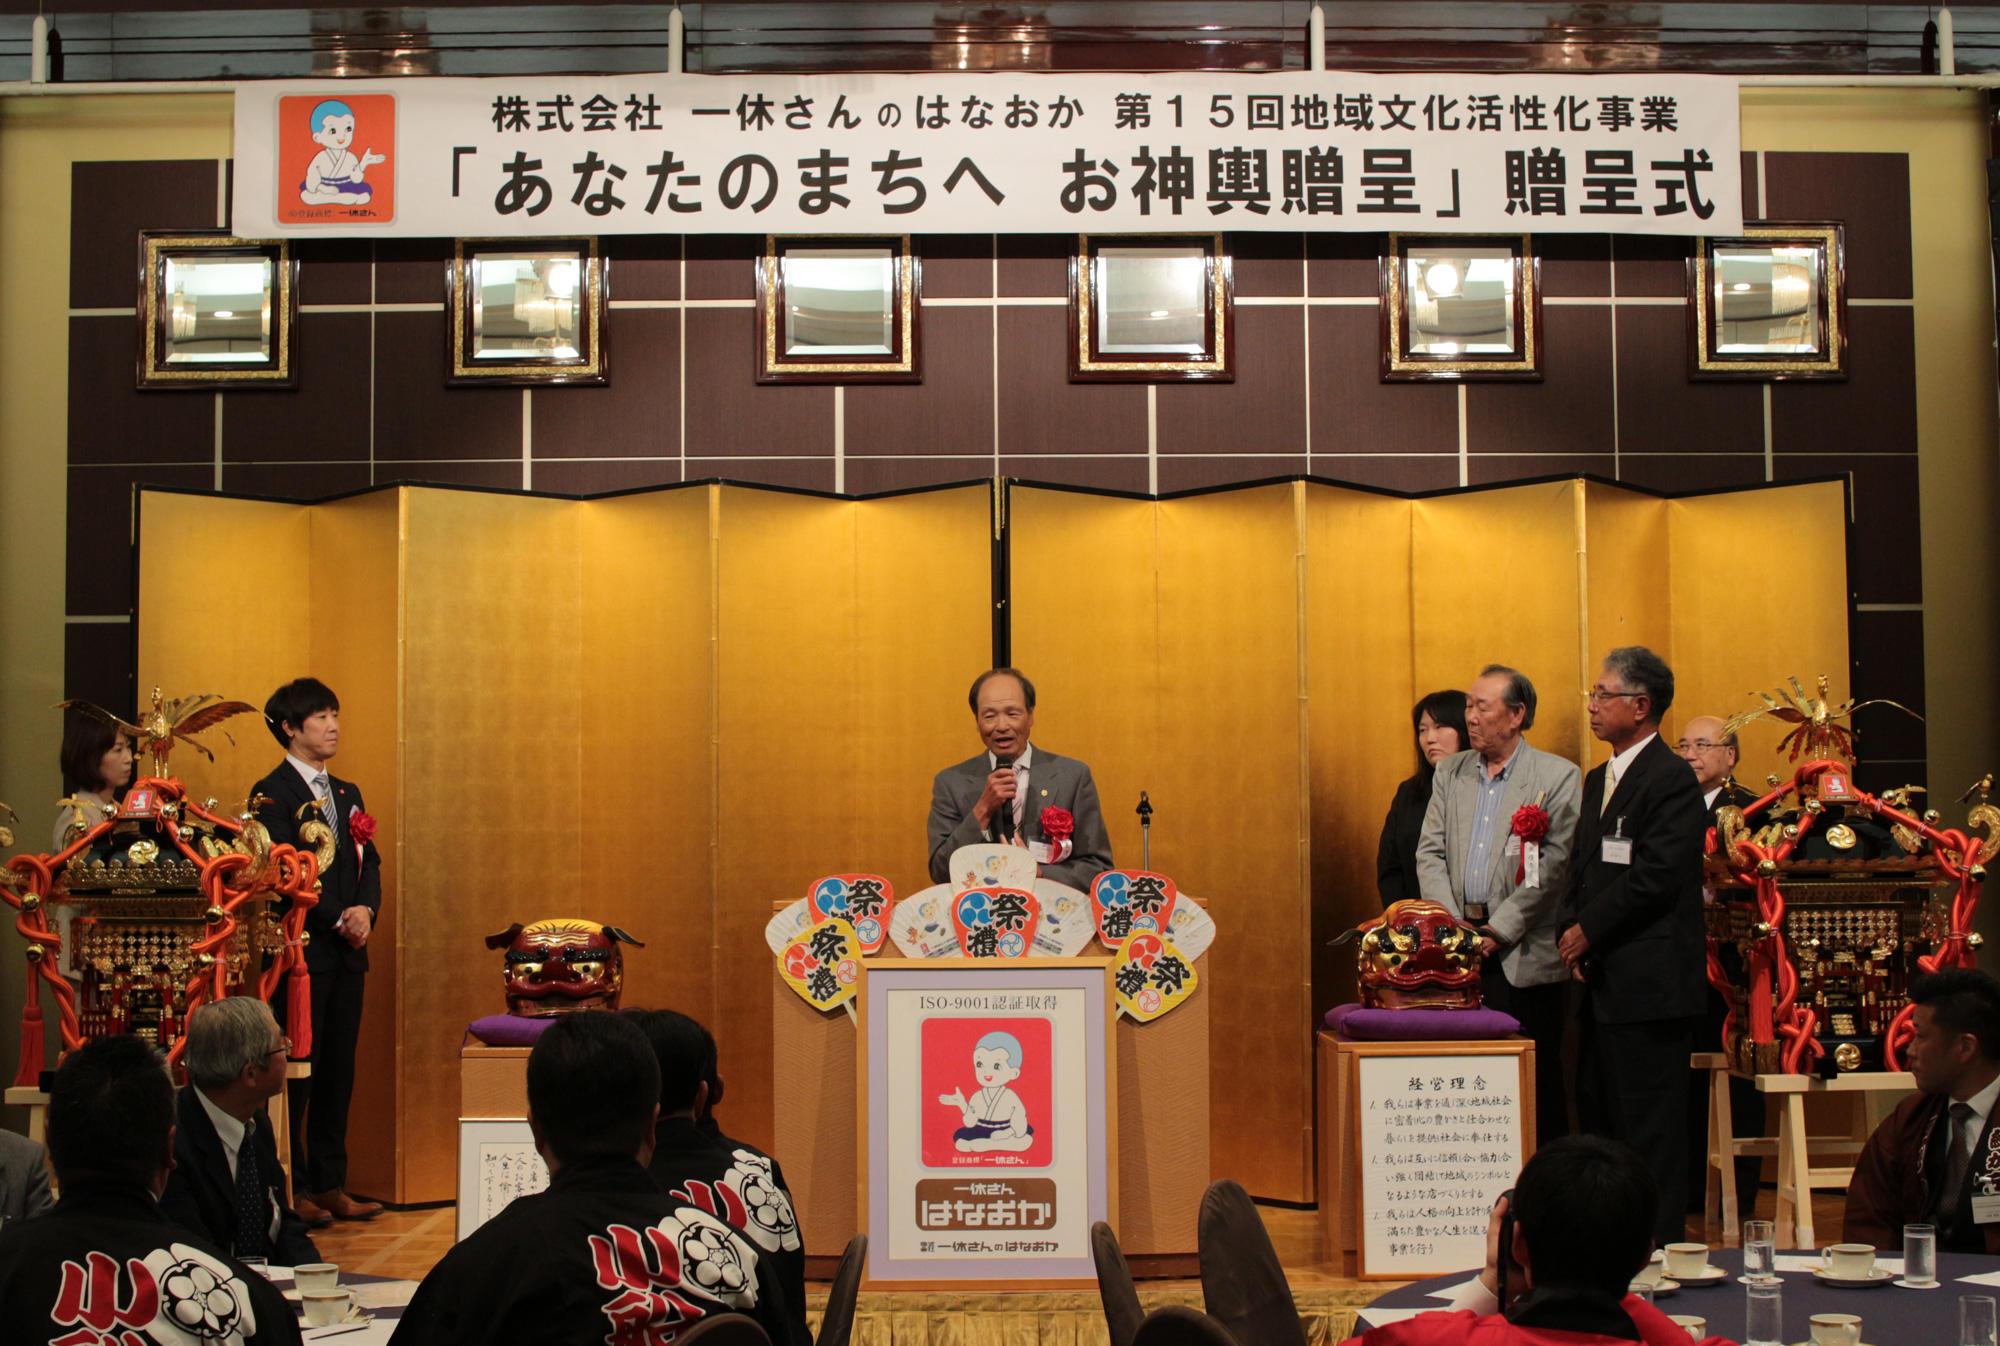 上田市山口自治会の皆様よりご挨拶